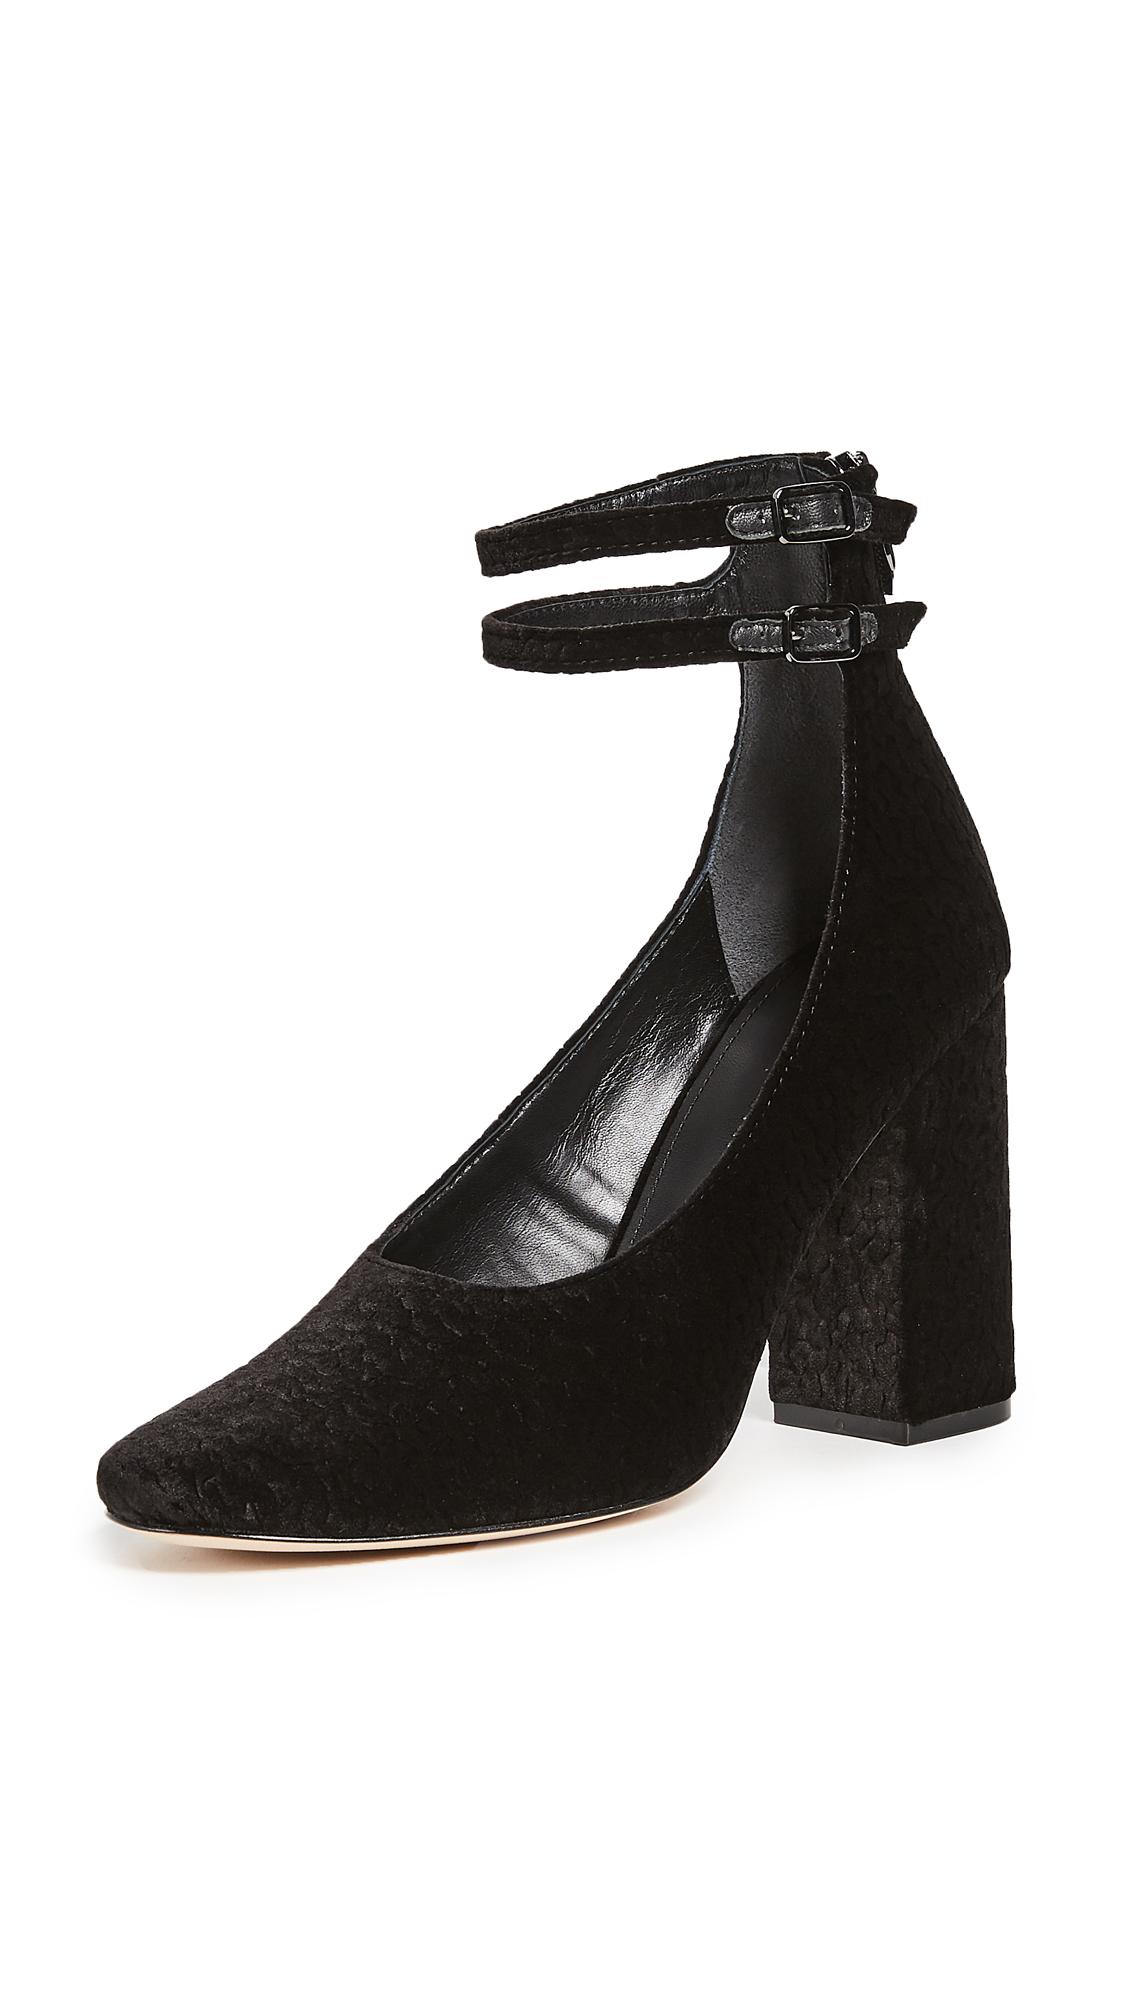 Sigerson Morrison Plum Ankle Strap Pumps - Black